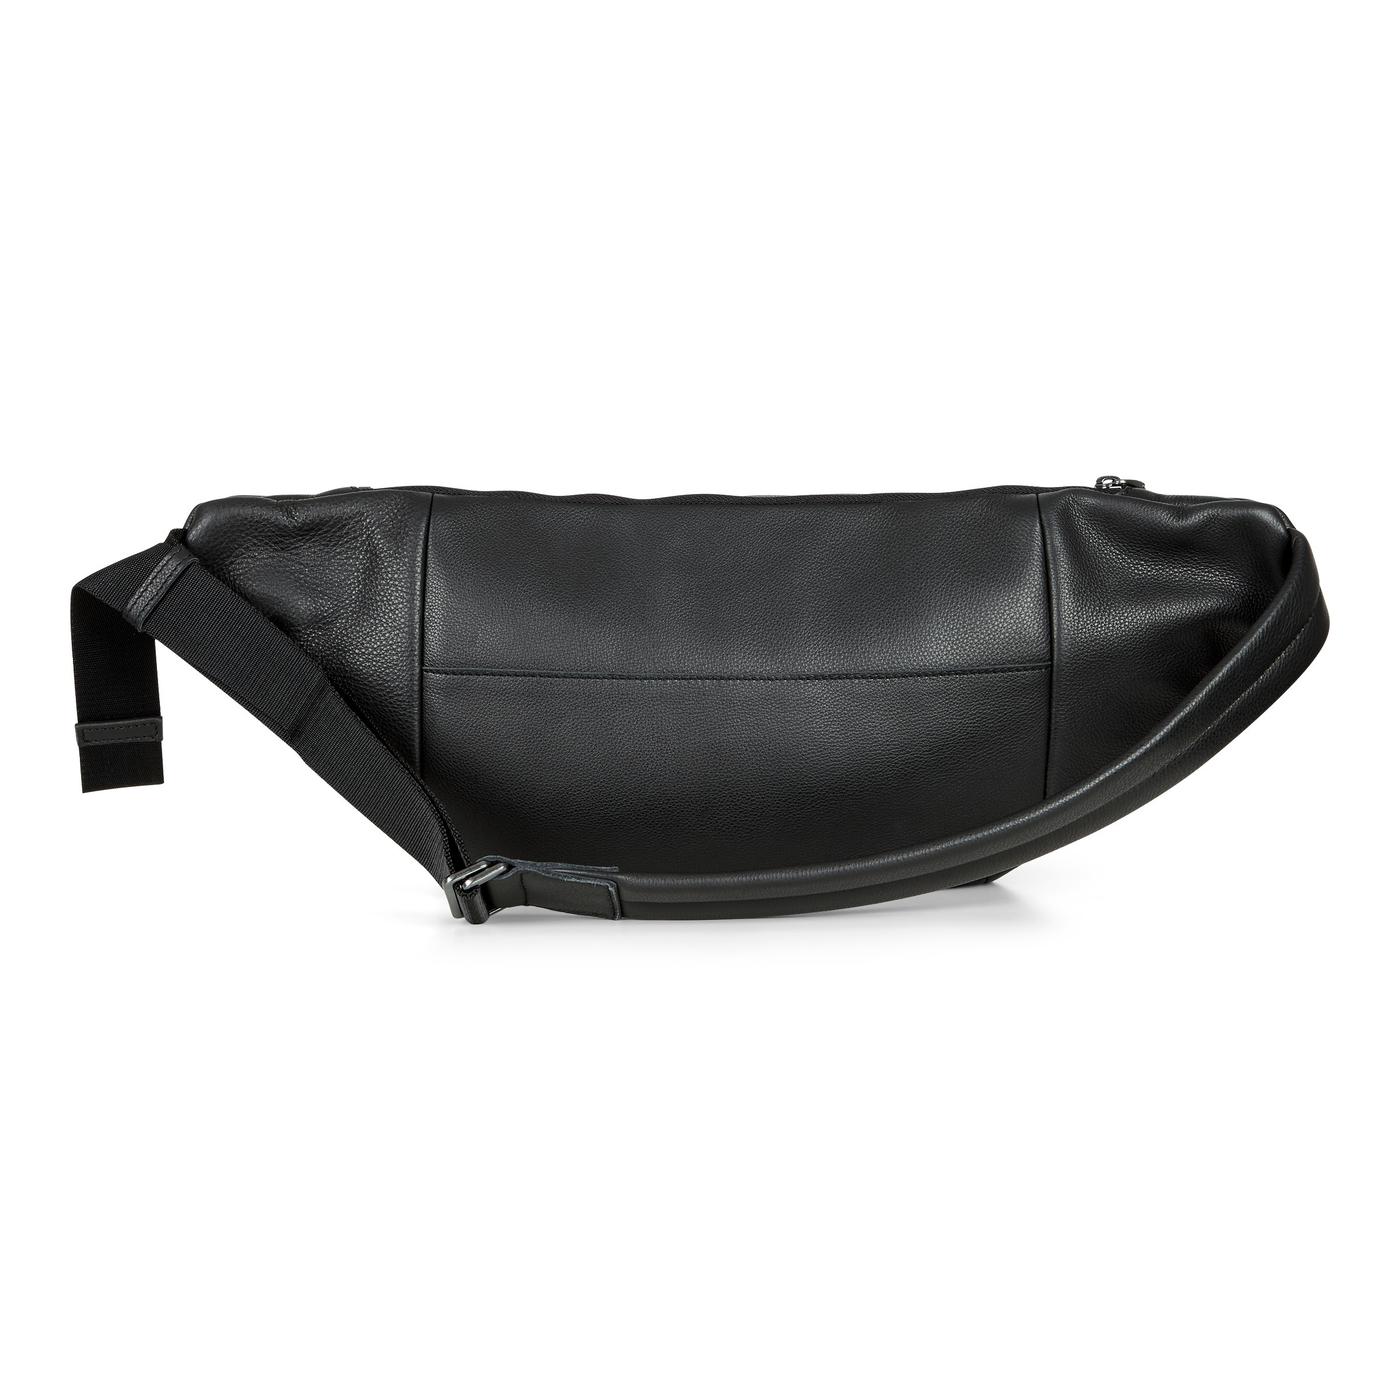 ECCO CASPER Sling Bag Full Grain Leather